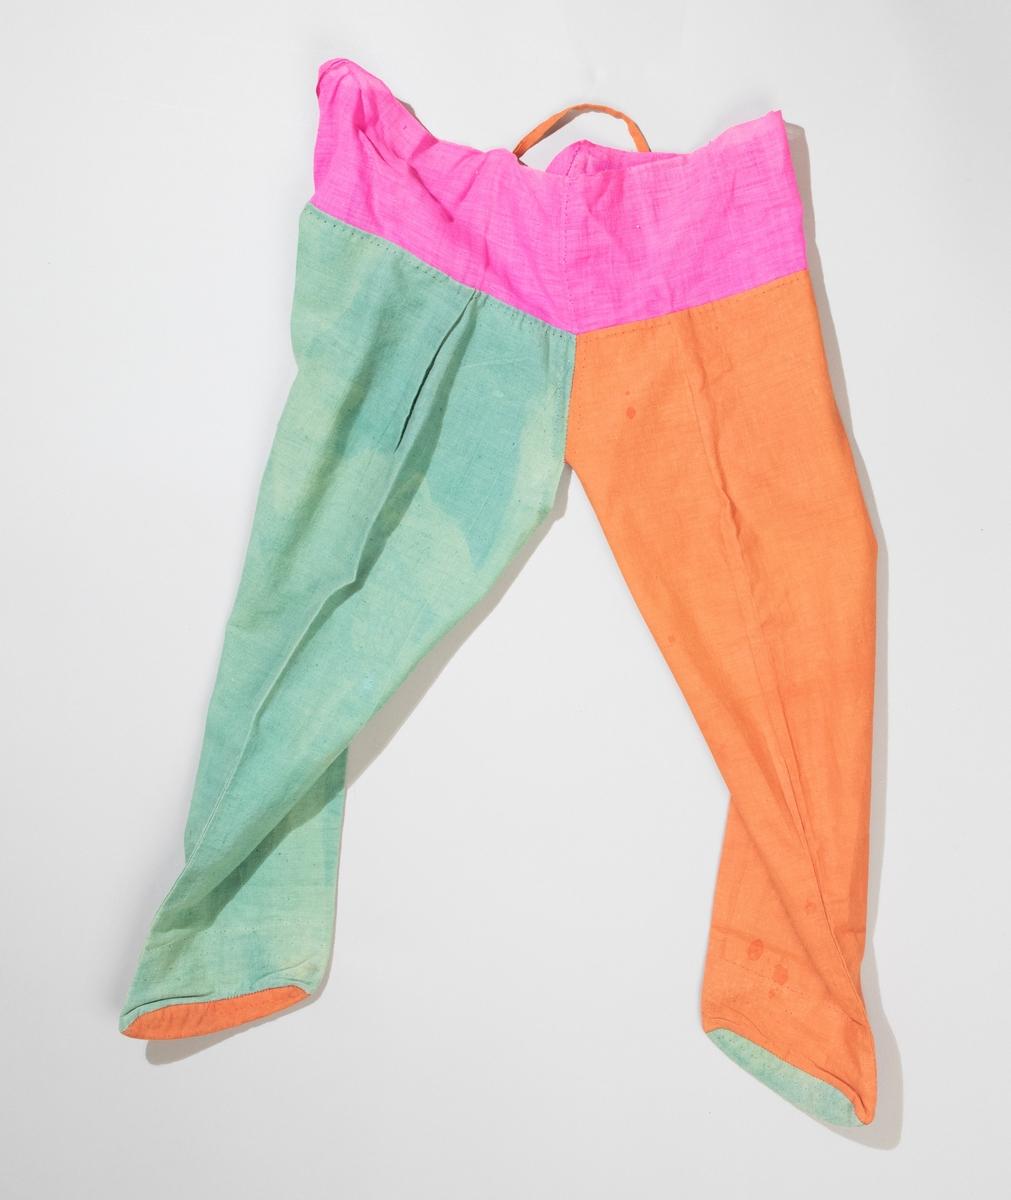 Barnbyxor av bomull med fötter, öppna i grenen. Ena benet är grönt med orange sula, andra benet orange med grön sula. Upptill kant av cerisefärgat tyg, ett grönt och ett orangefärgat knytband, längd 750 mm.